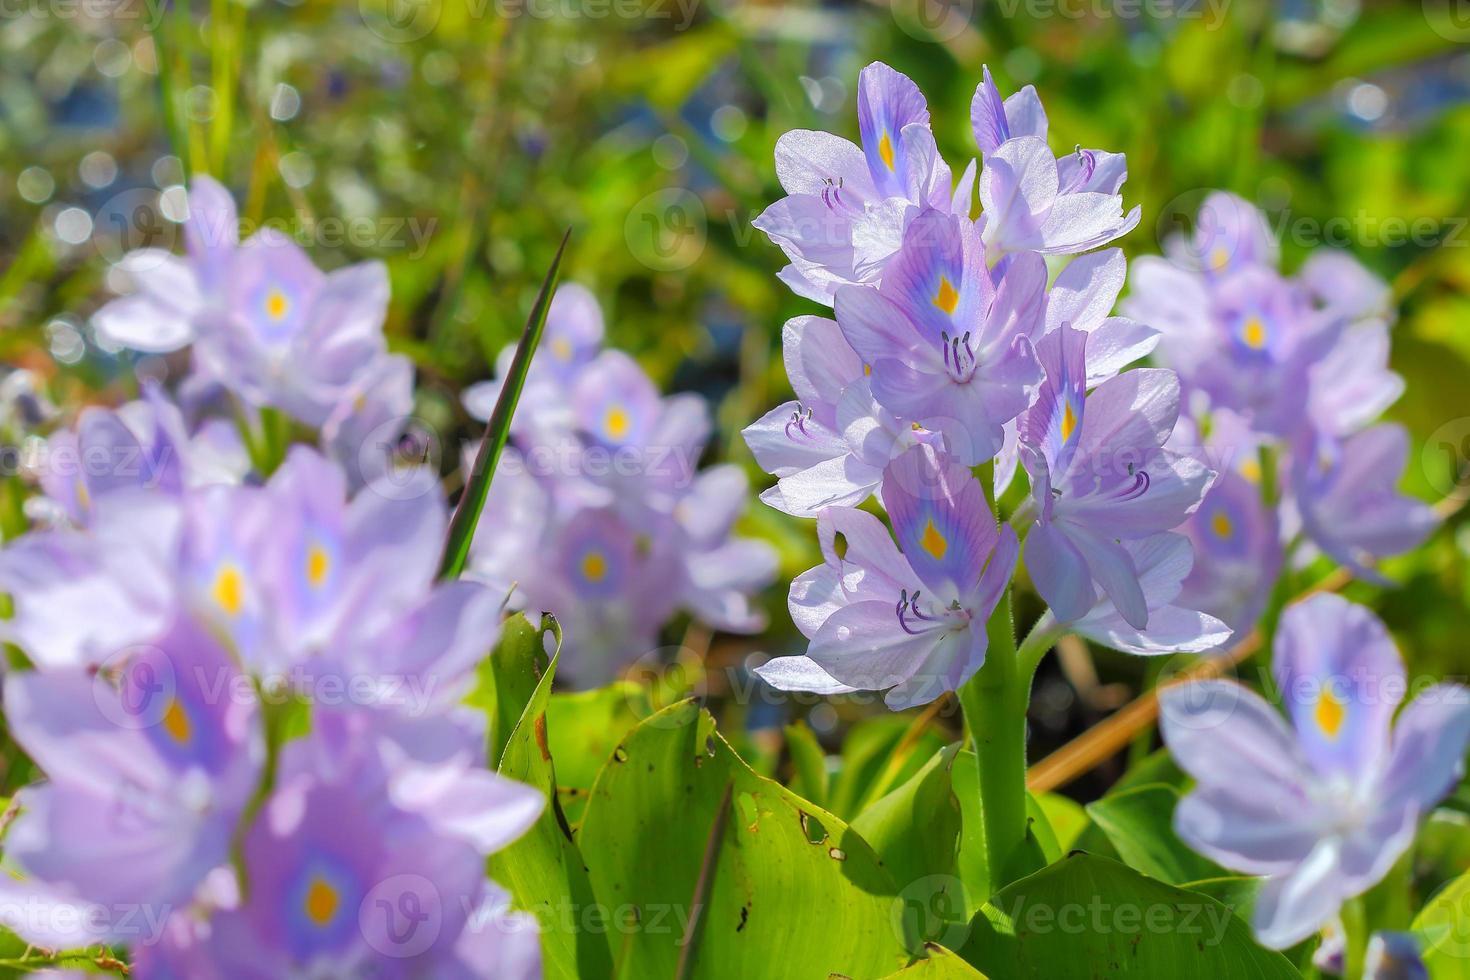 fiore di giacinto d'acqua in fonti d'acqua naturali foto